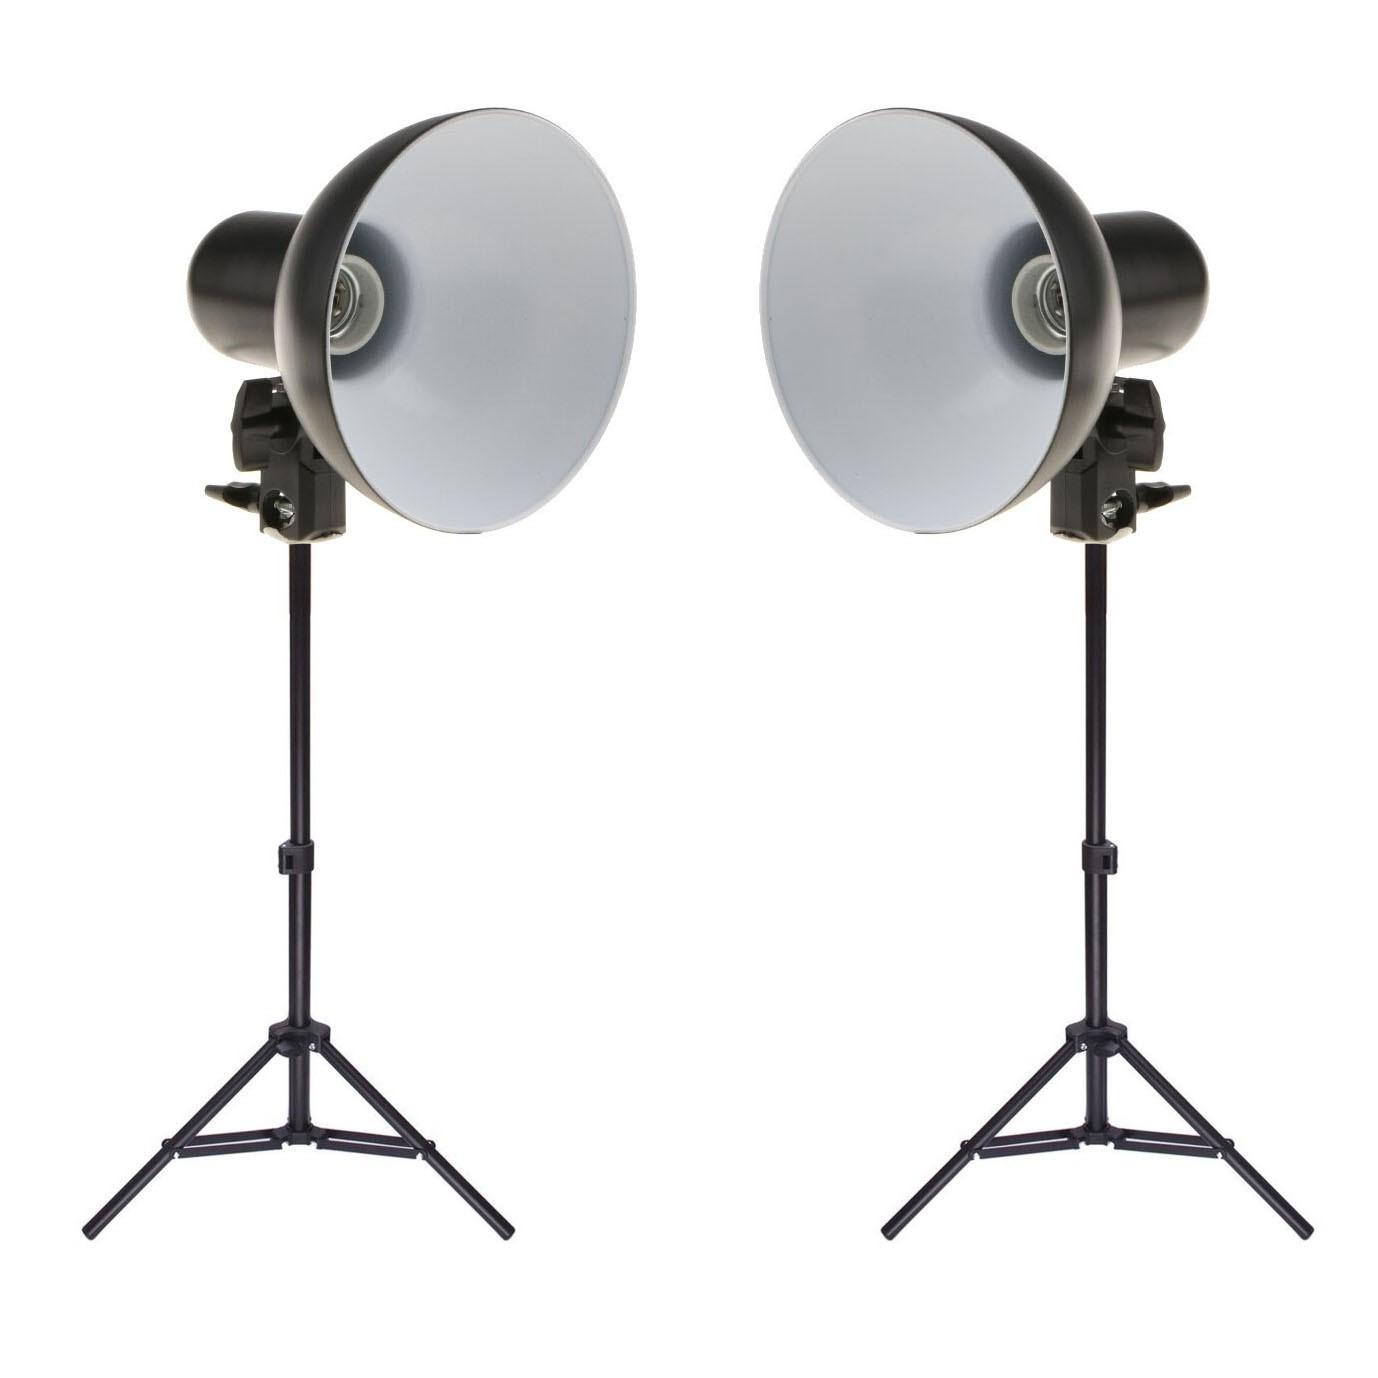 Kit Iluminador Foto e Vídeo Refletor 2x FV414 com Tripé 75cm  - Diafilme Materiais Fotográficos